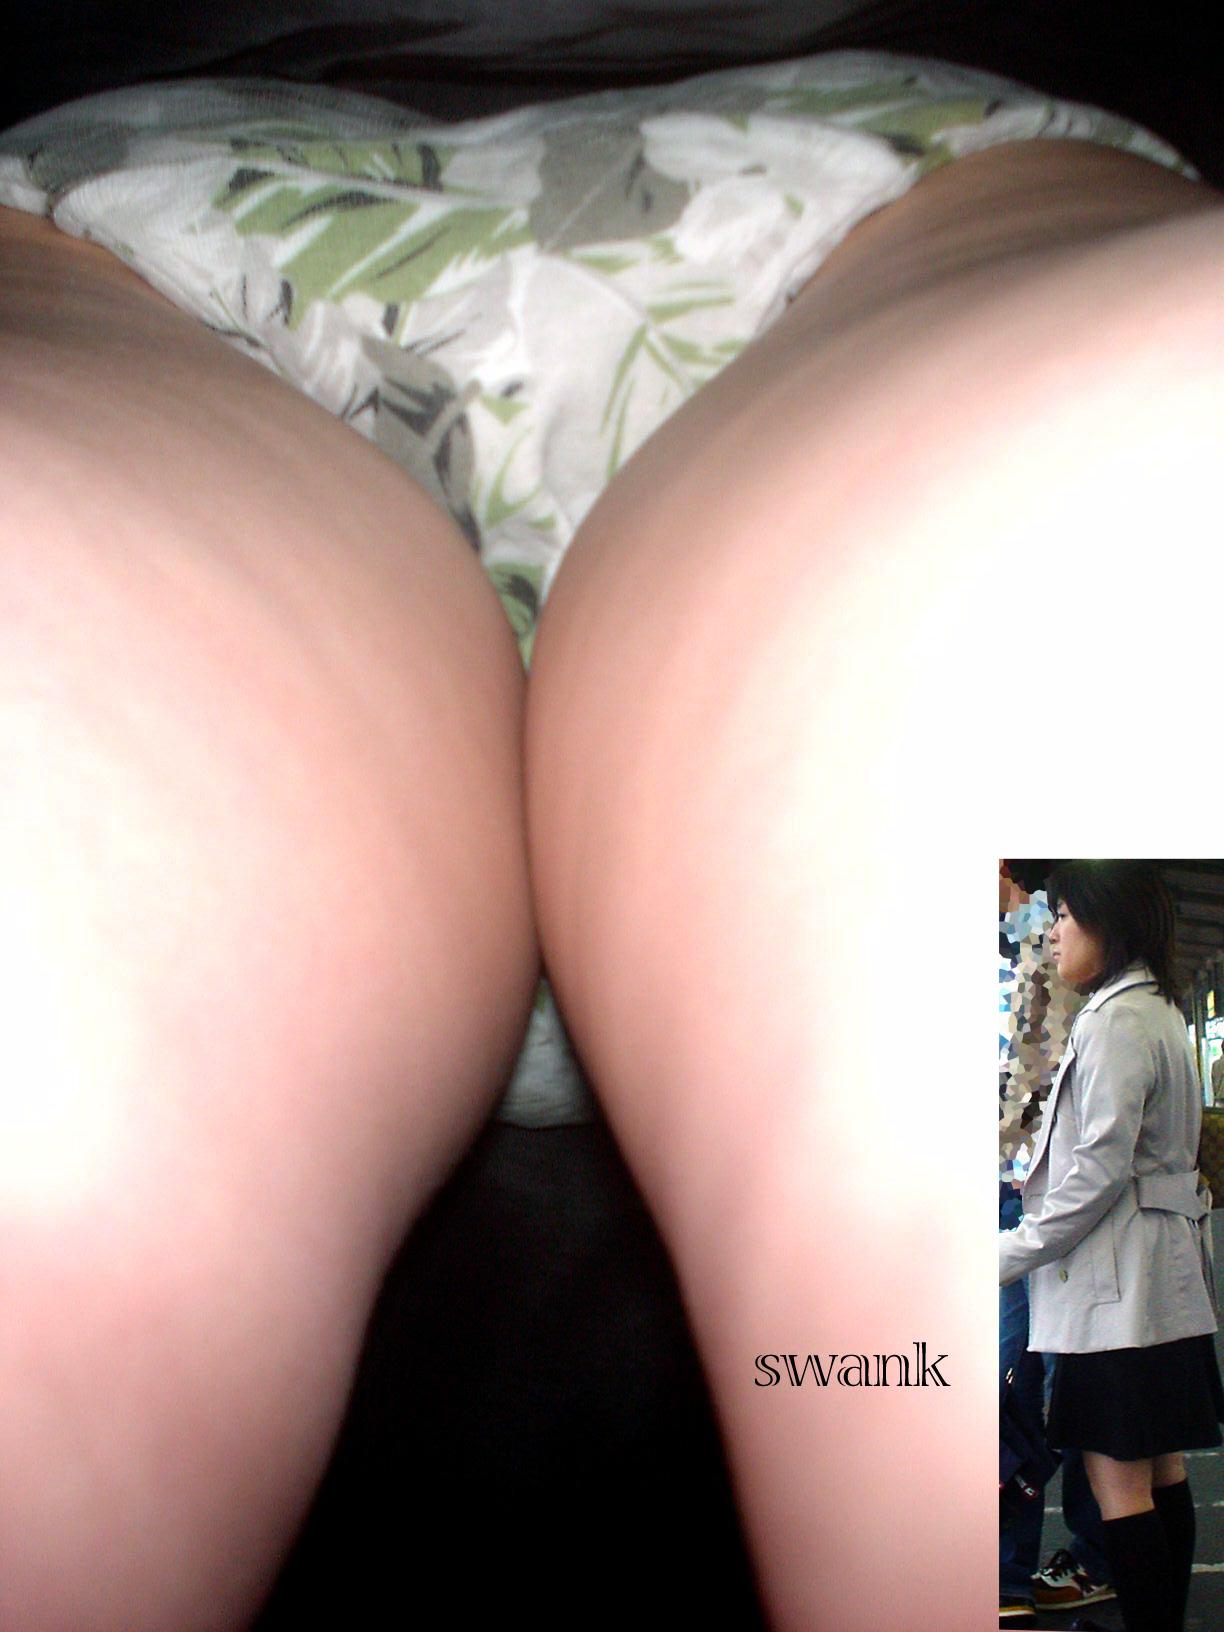 【パンチラエロ画像】お尻の色も目立つ原因wド派手パンツな女子の逆さ撮りwww 10